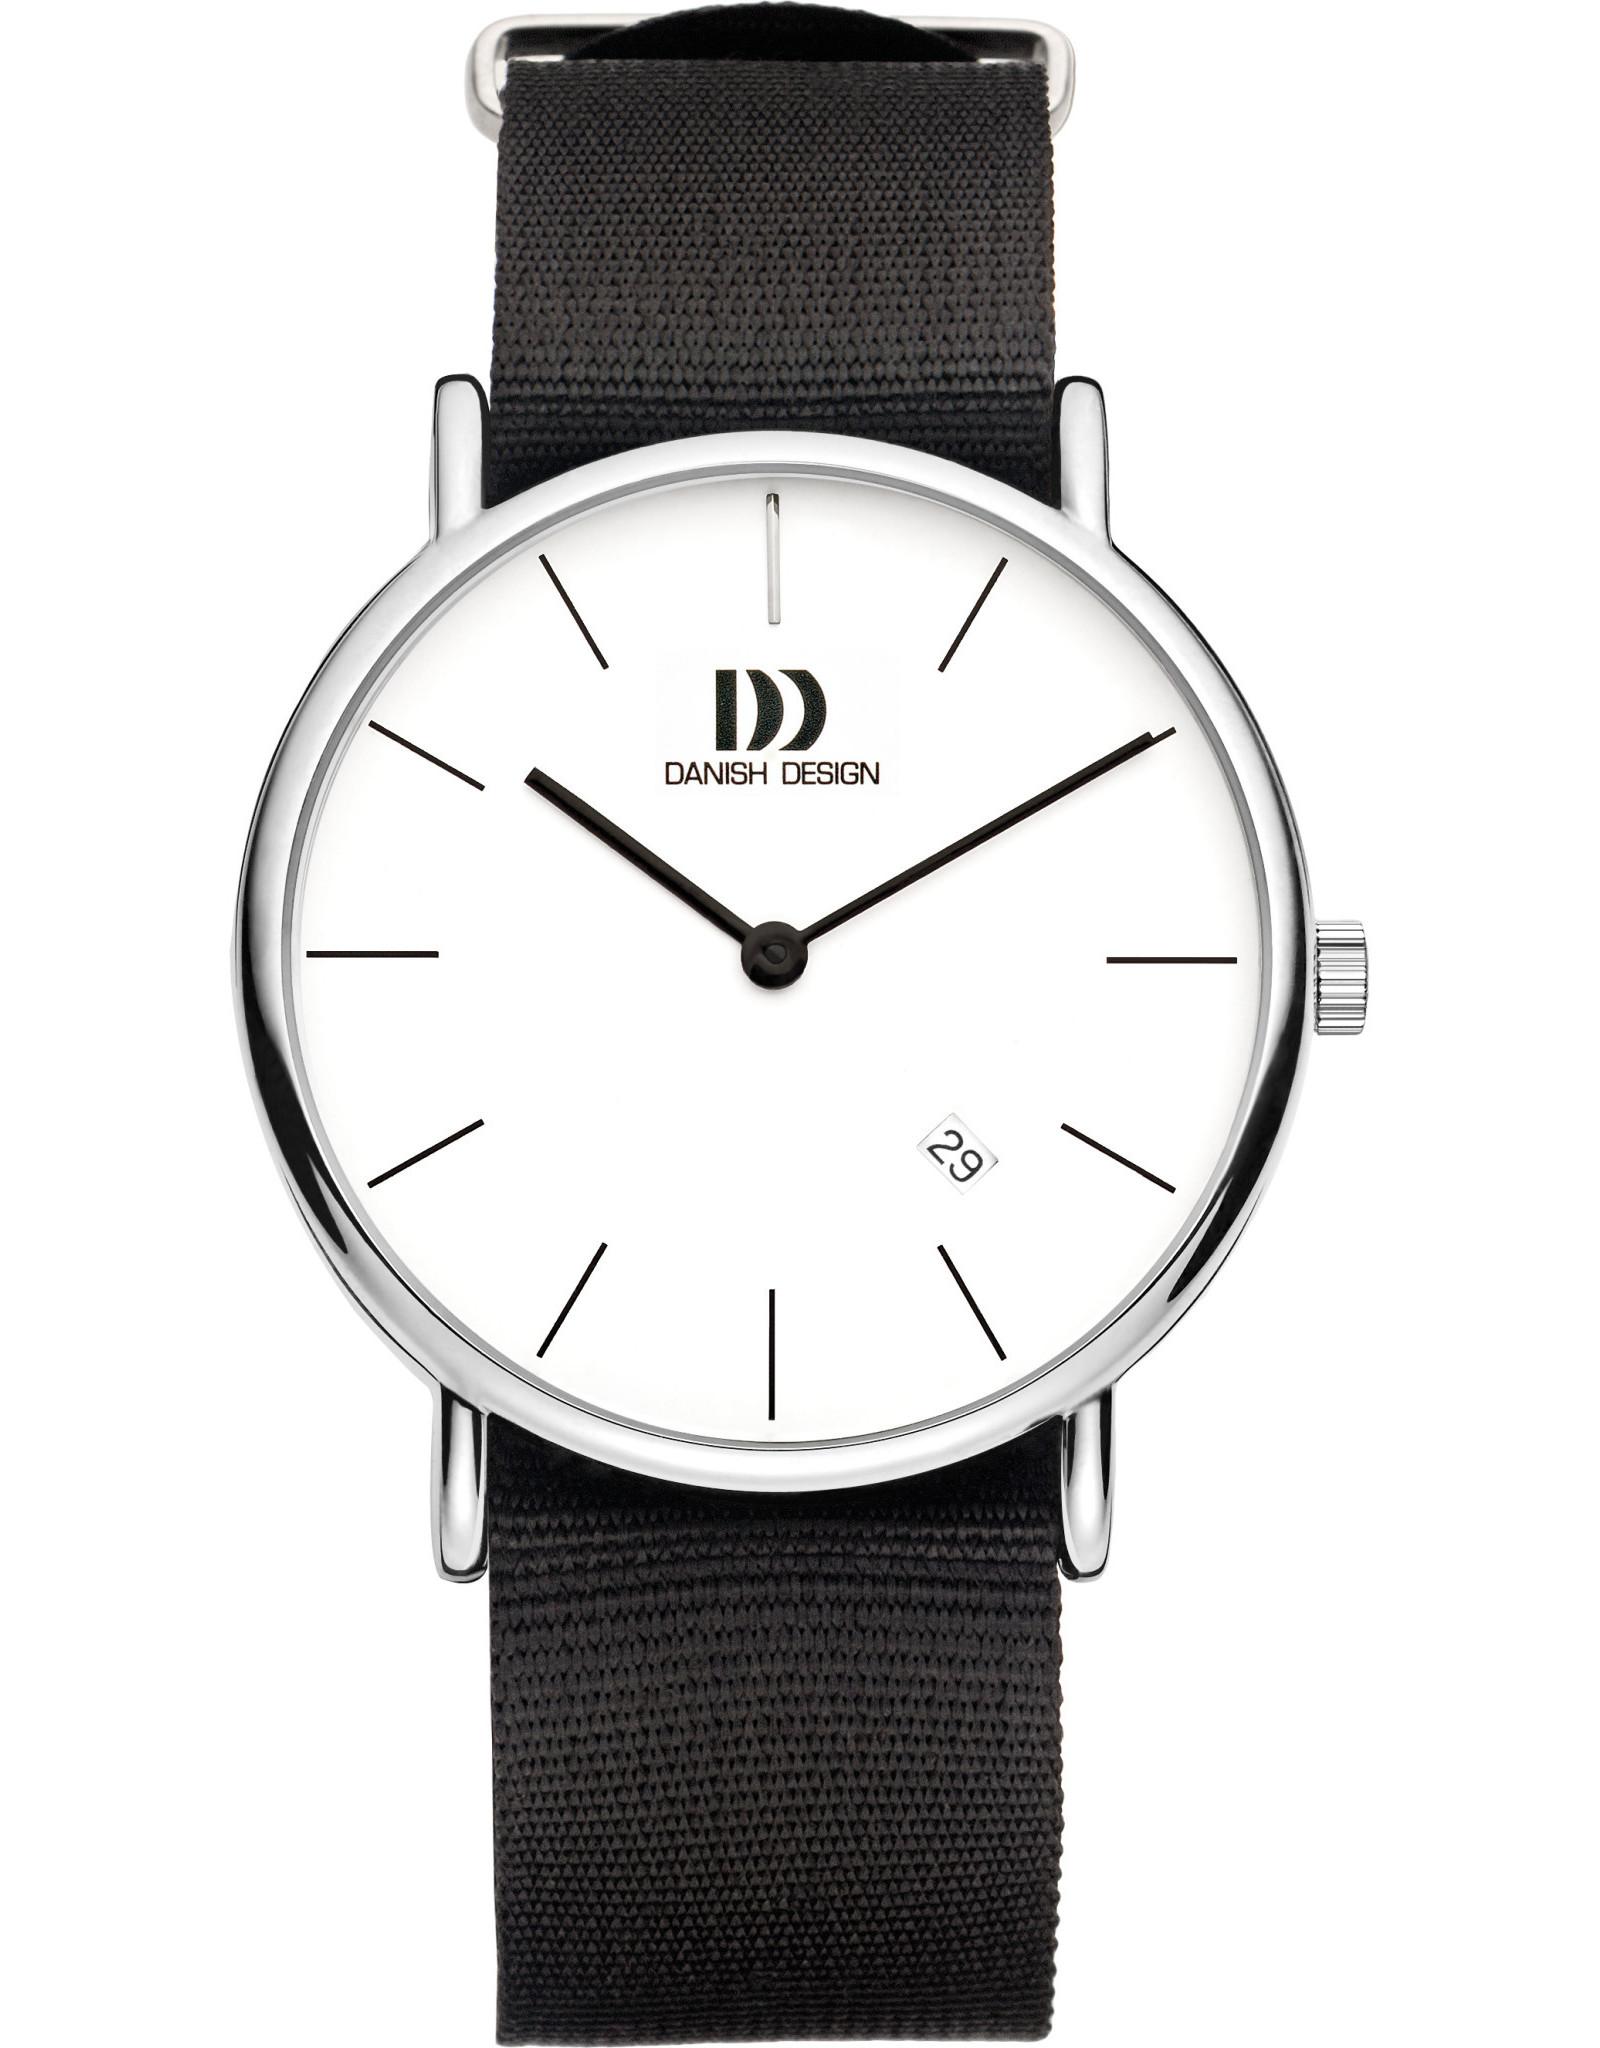 Danish Design Danish Design IQ12Q1048